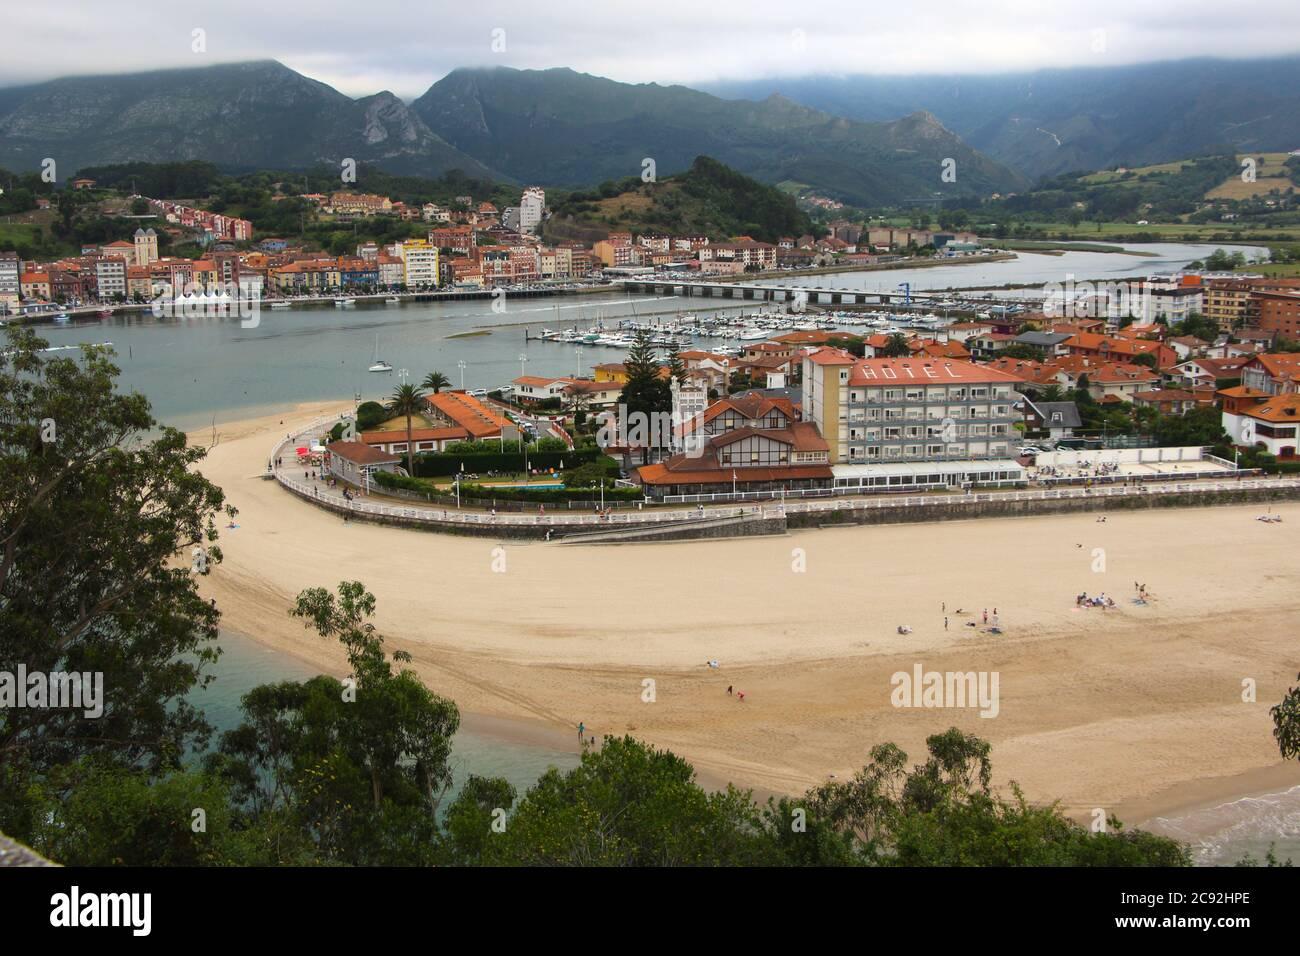 Vista del paisaje desde la cima de una colina del puente de la ciudad Y playa en el río Sella Ribadesella Asturias España Foto de stock